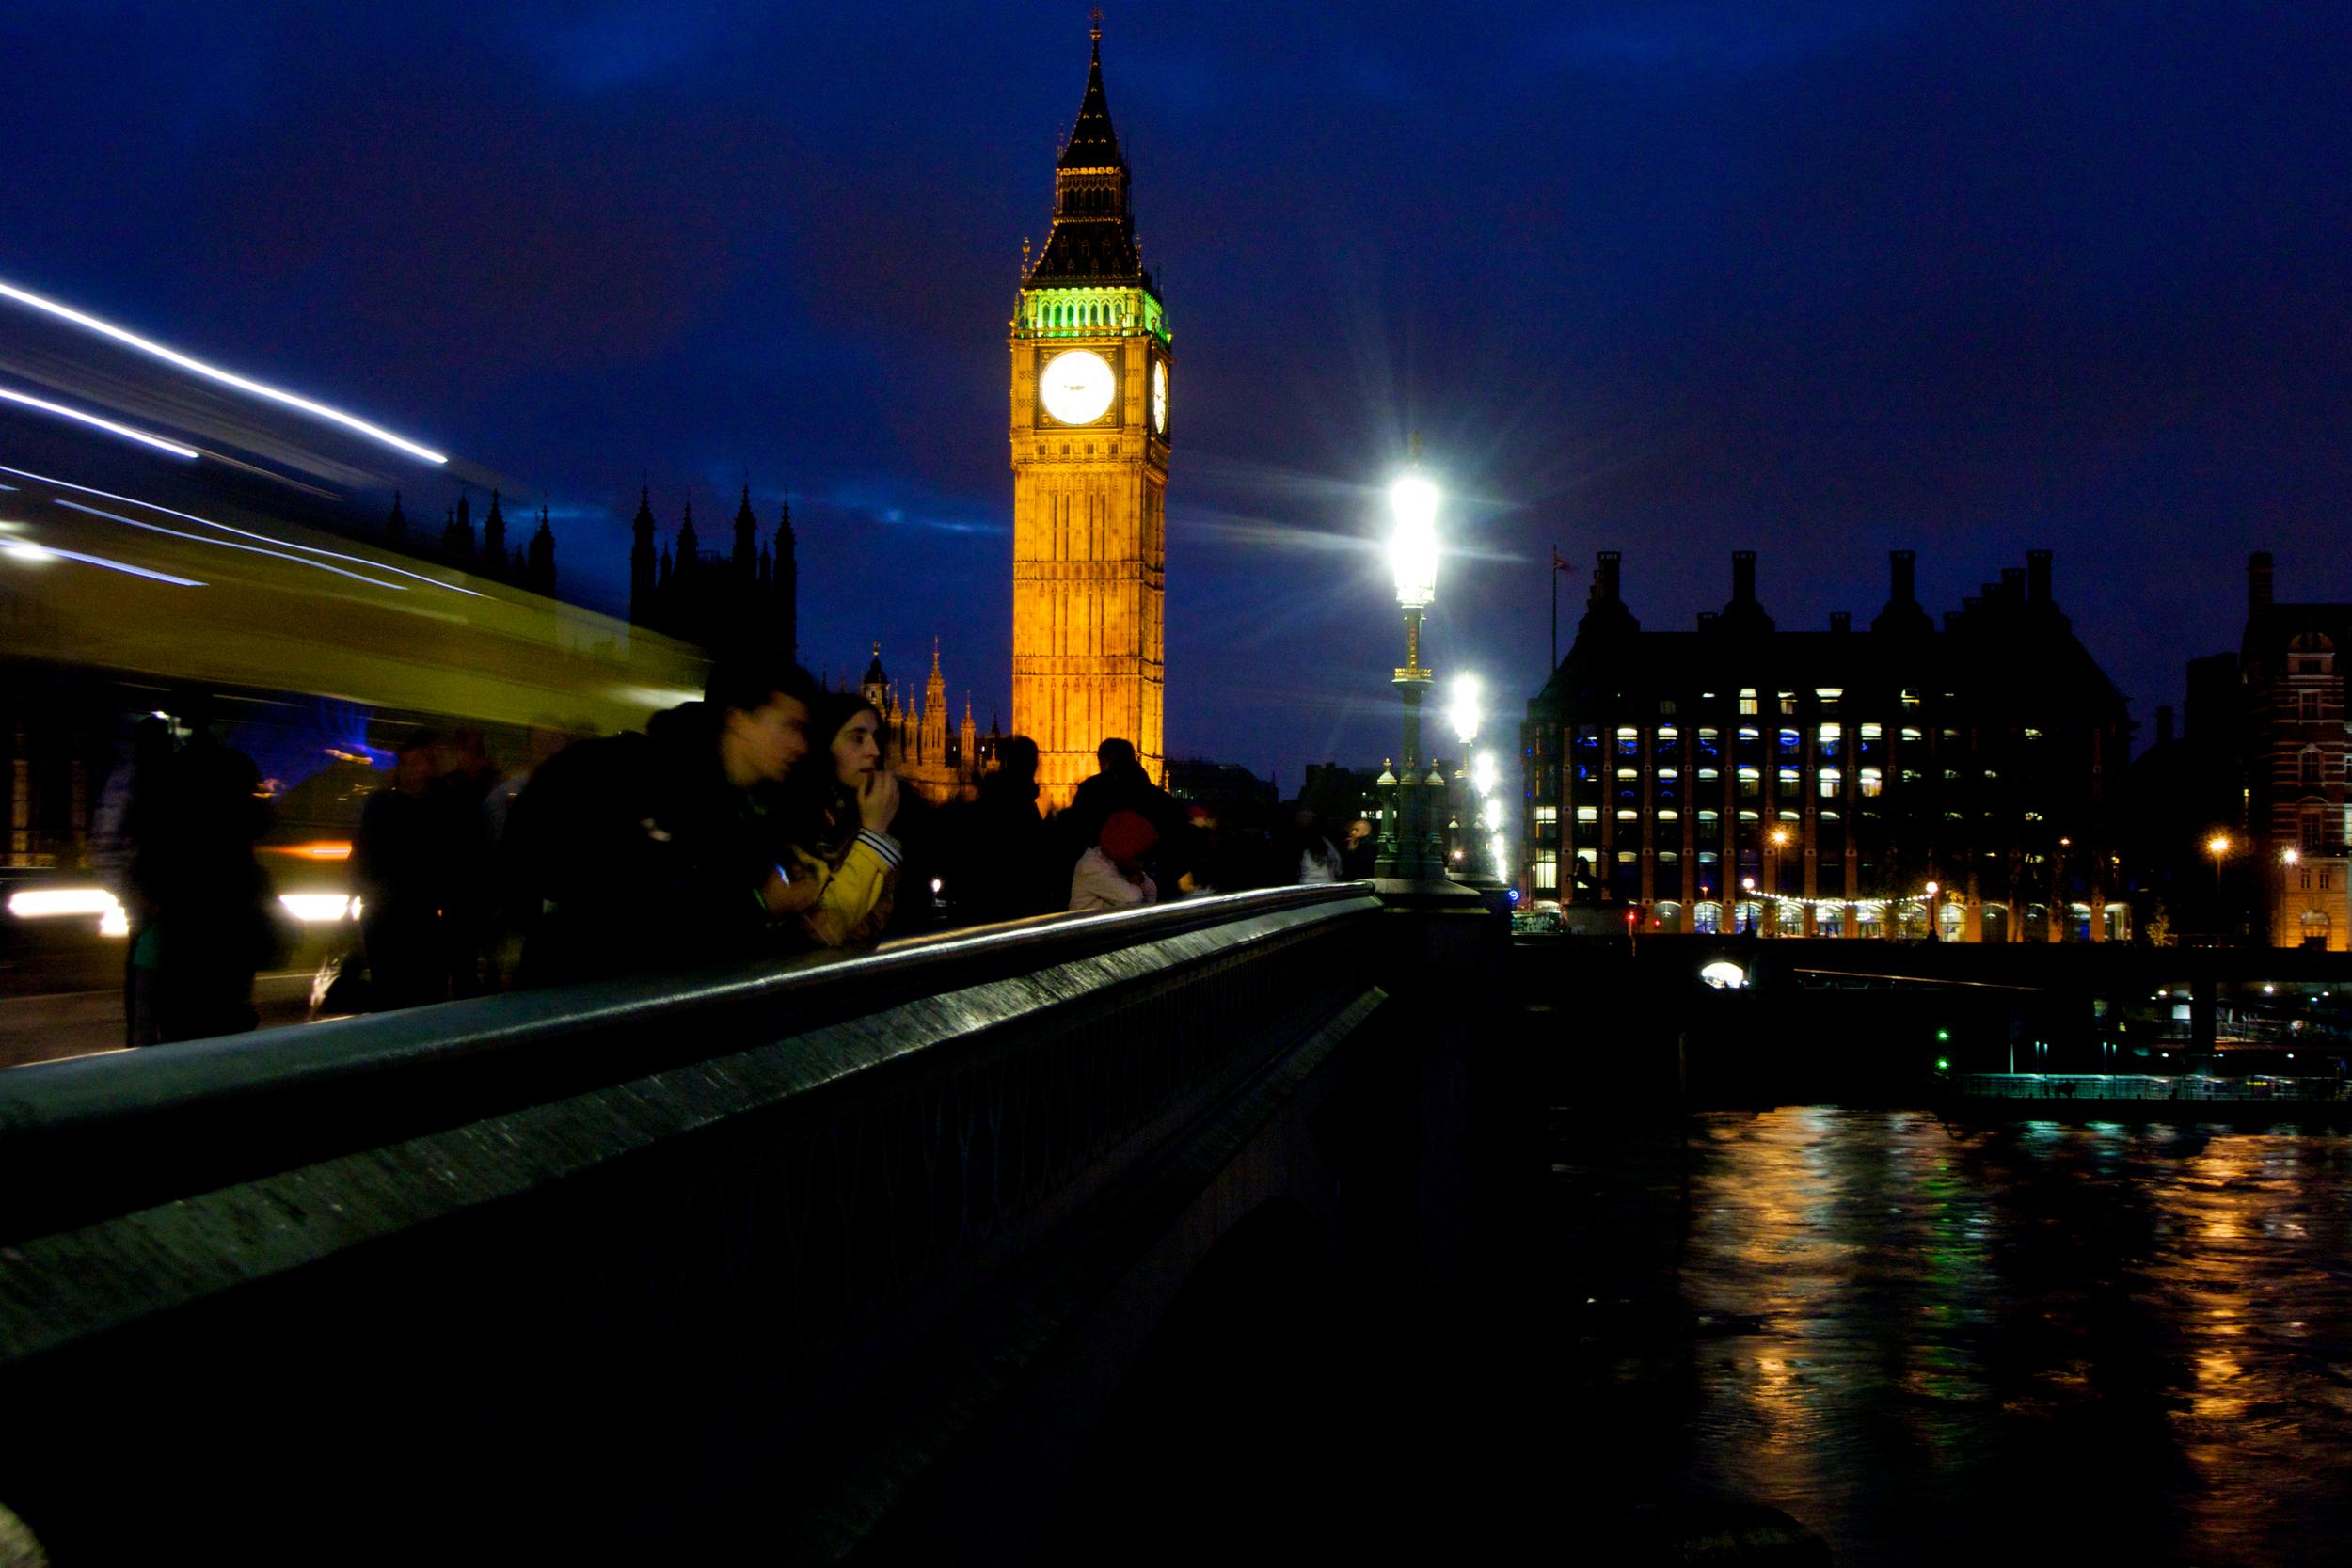 londonscenes2-30.jpg